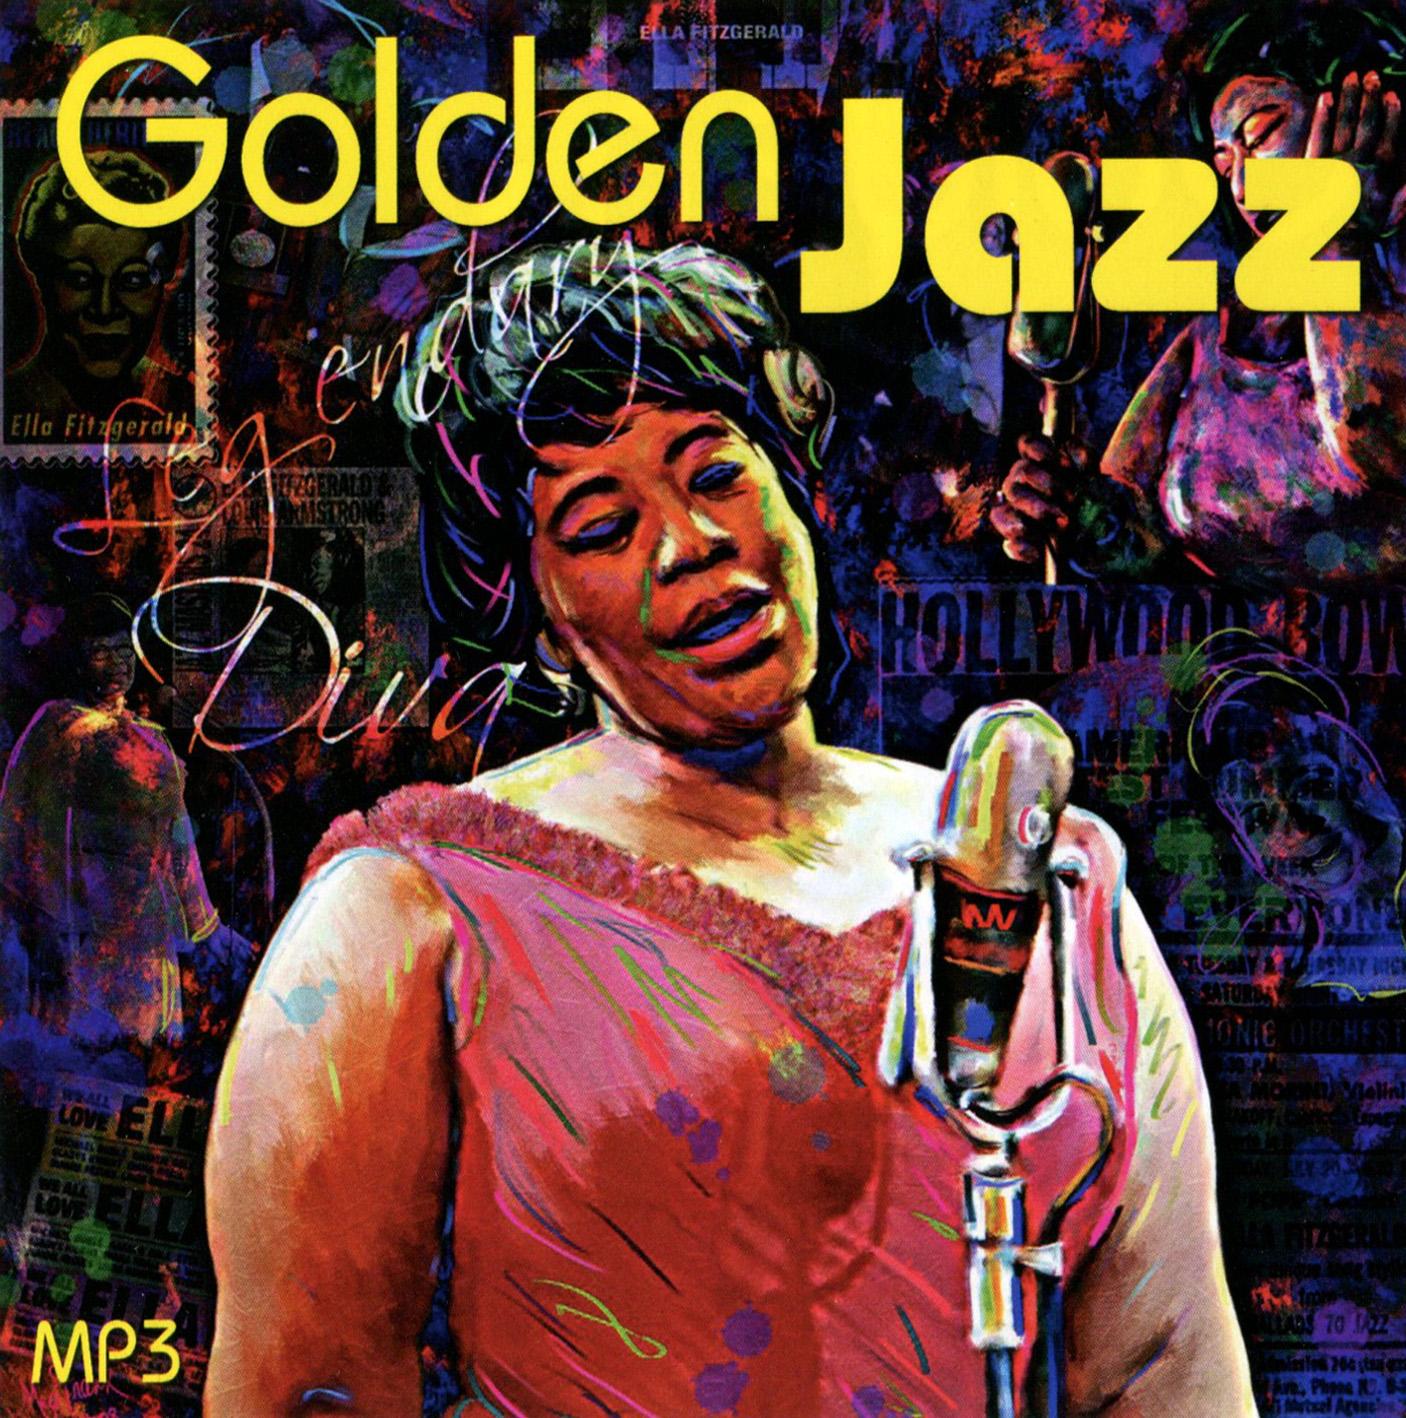 Golden jazz [mp3]